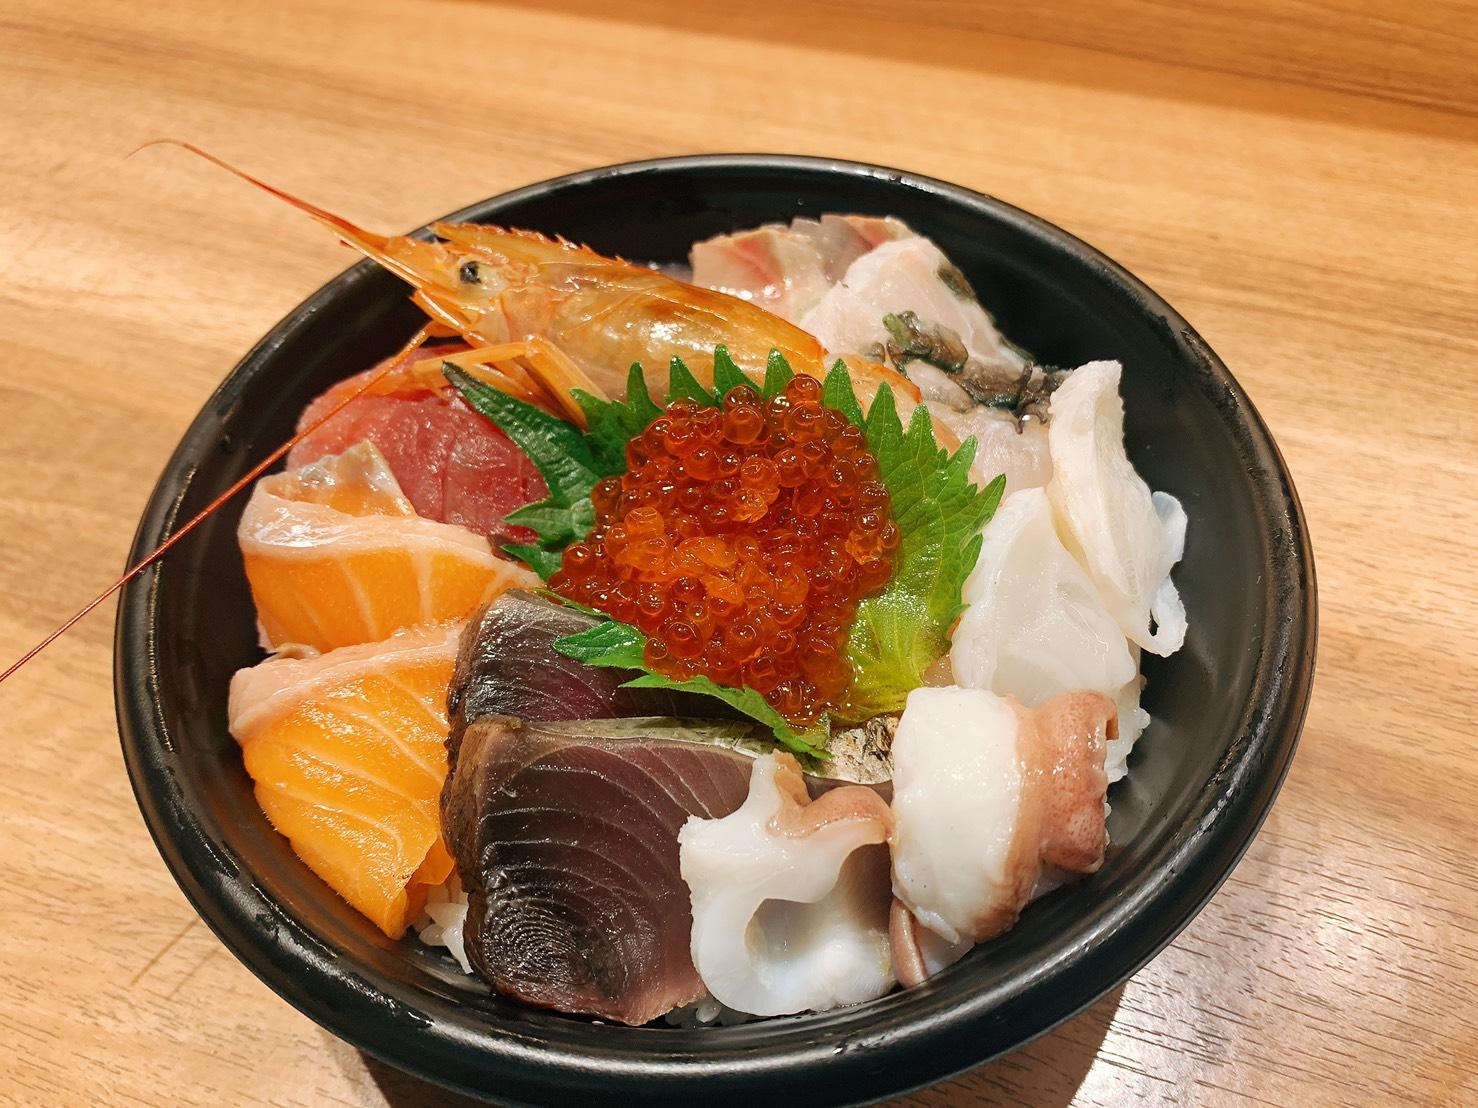 藁焼き鮮魚入り海鮮丼